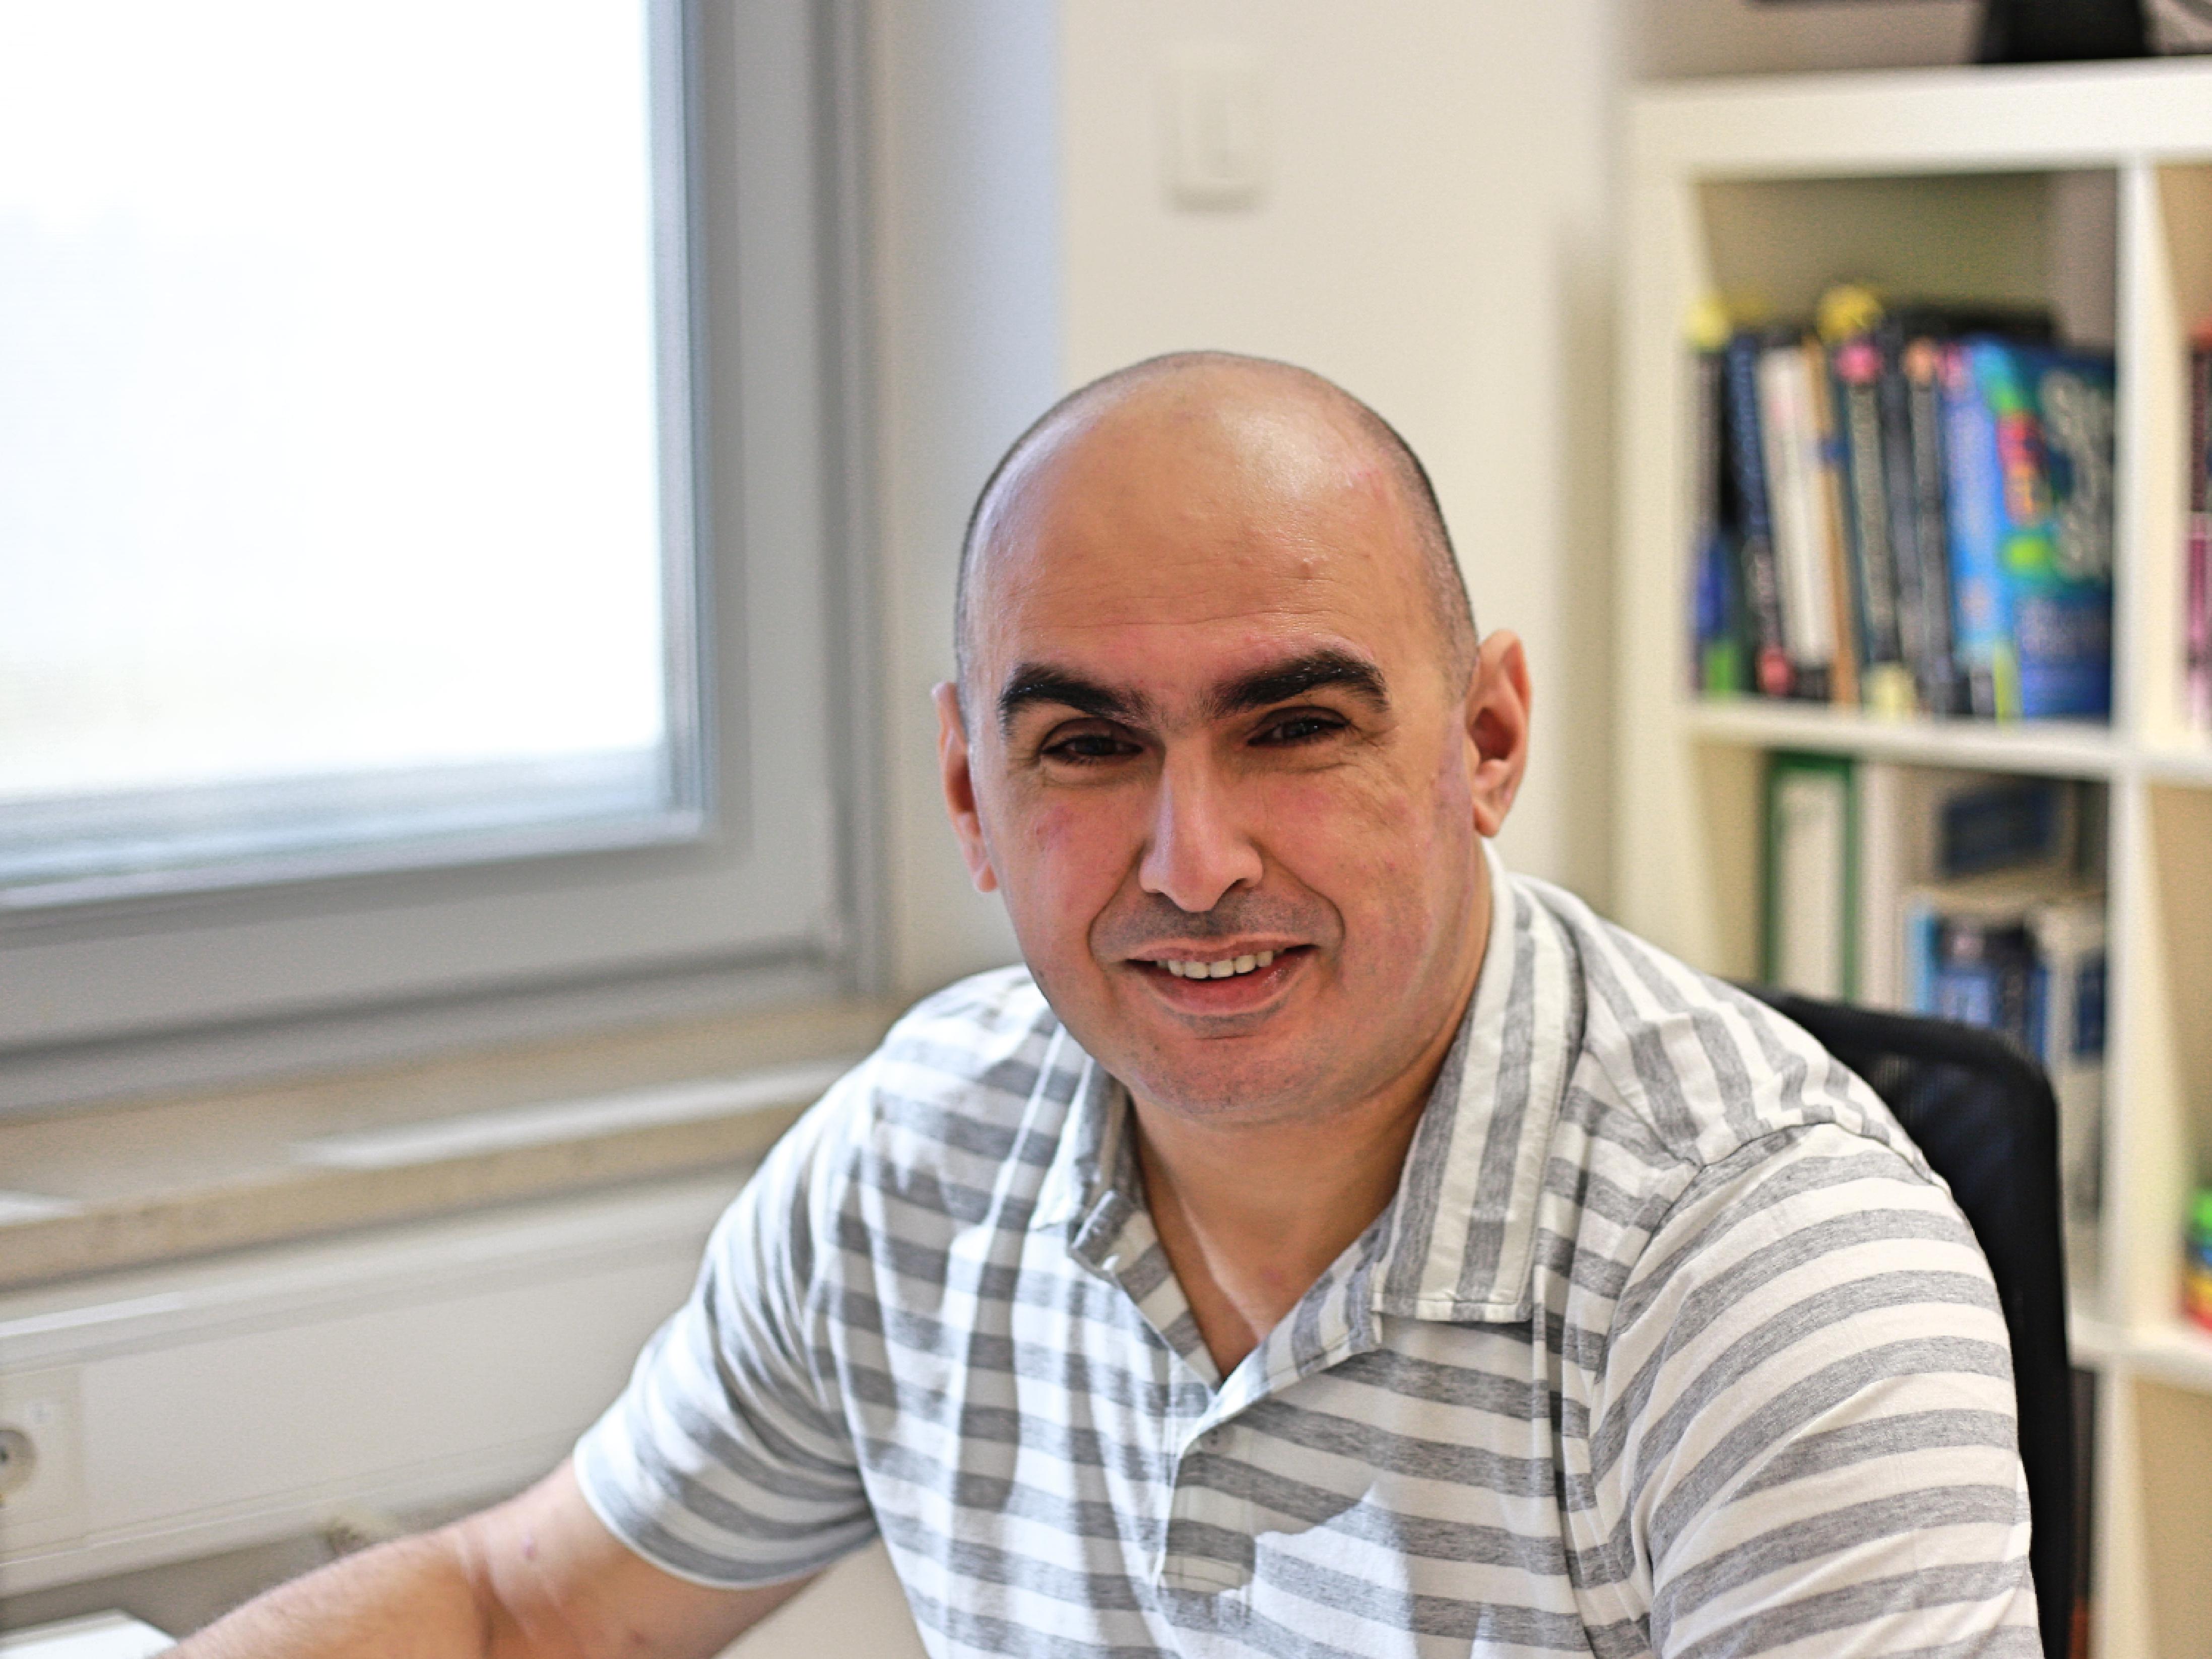 Goran Šmigić